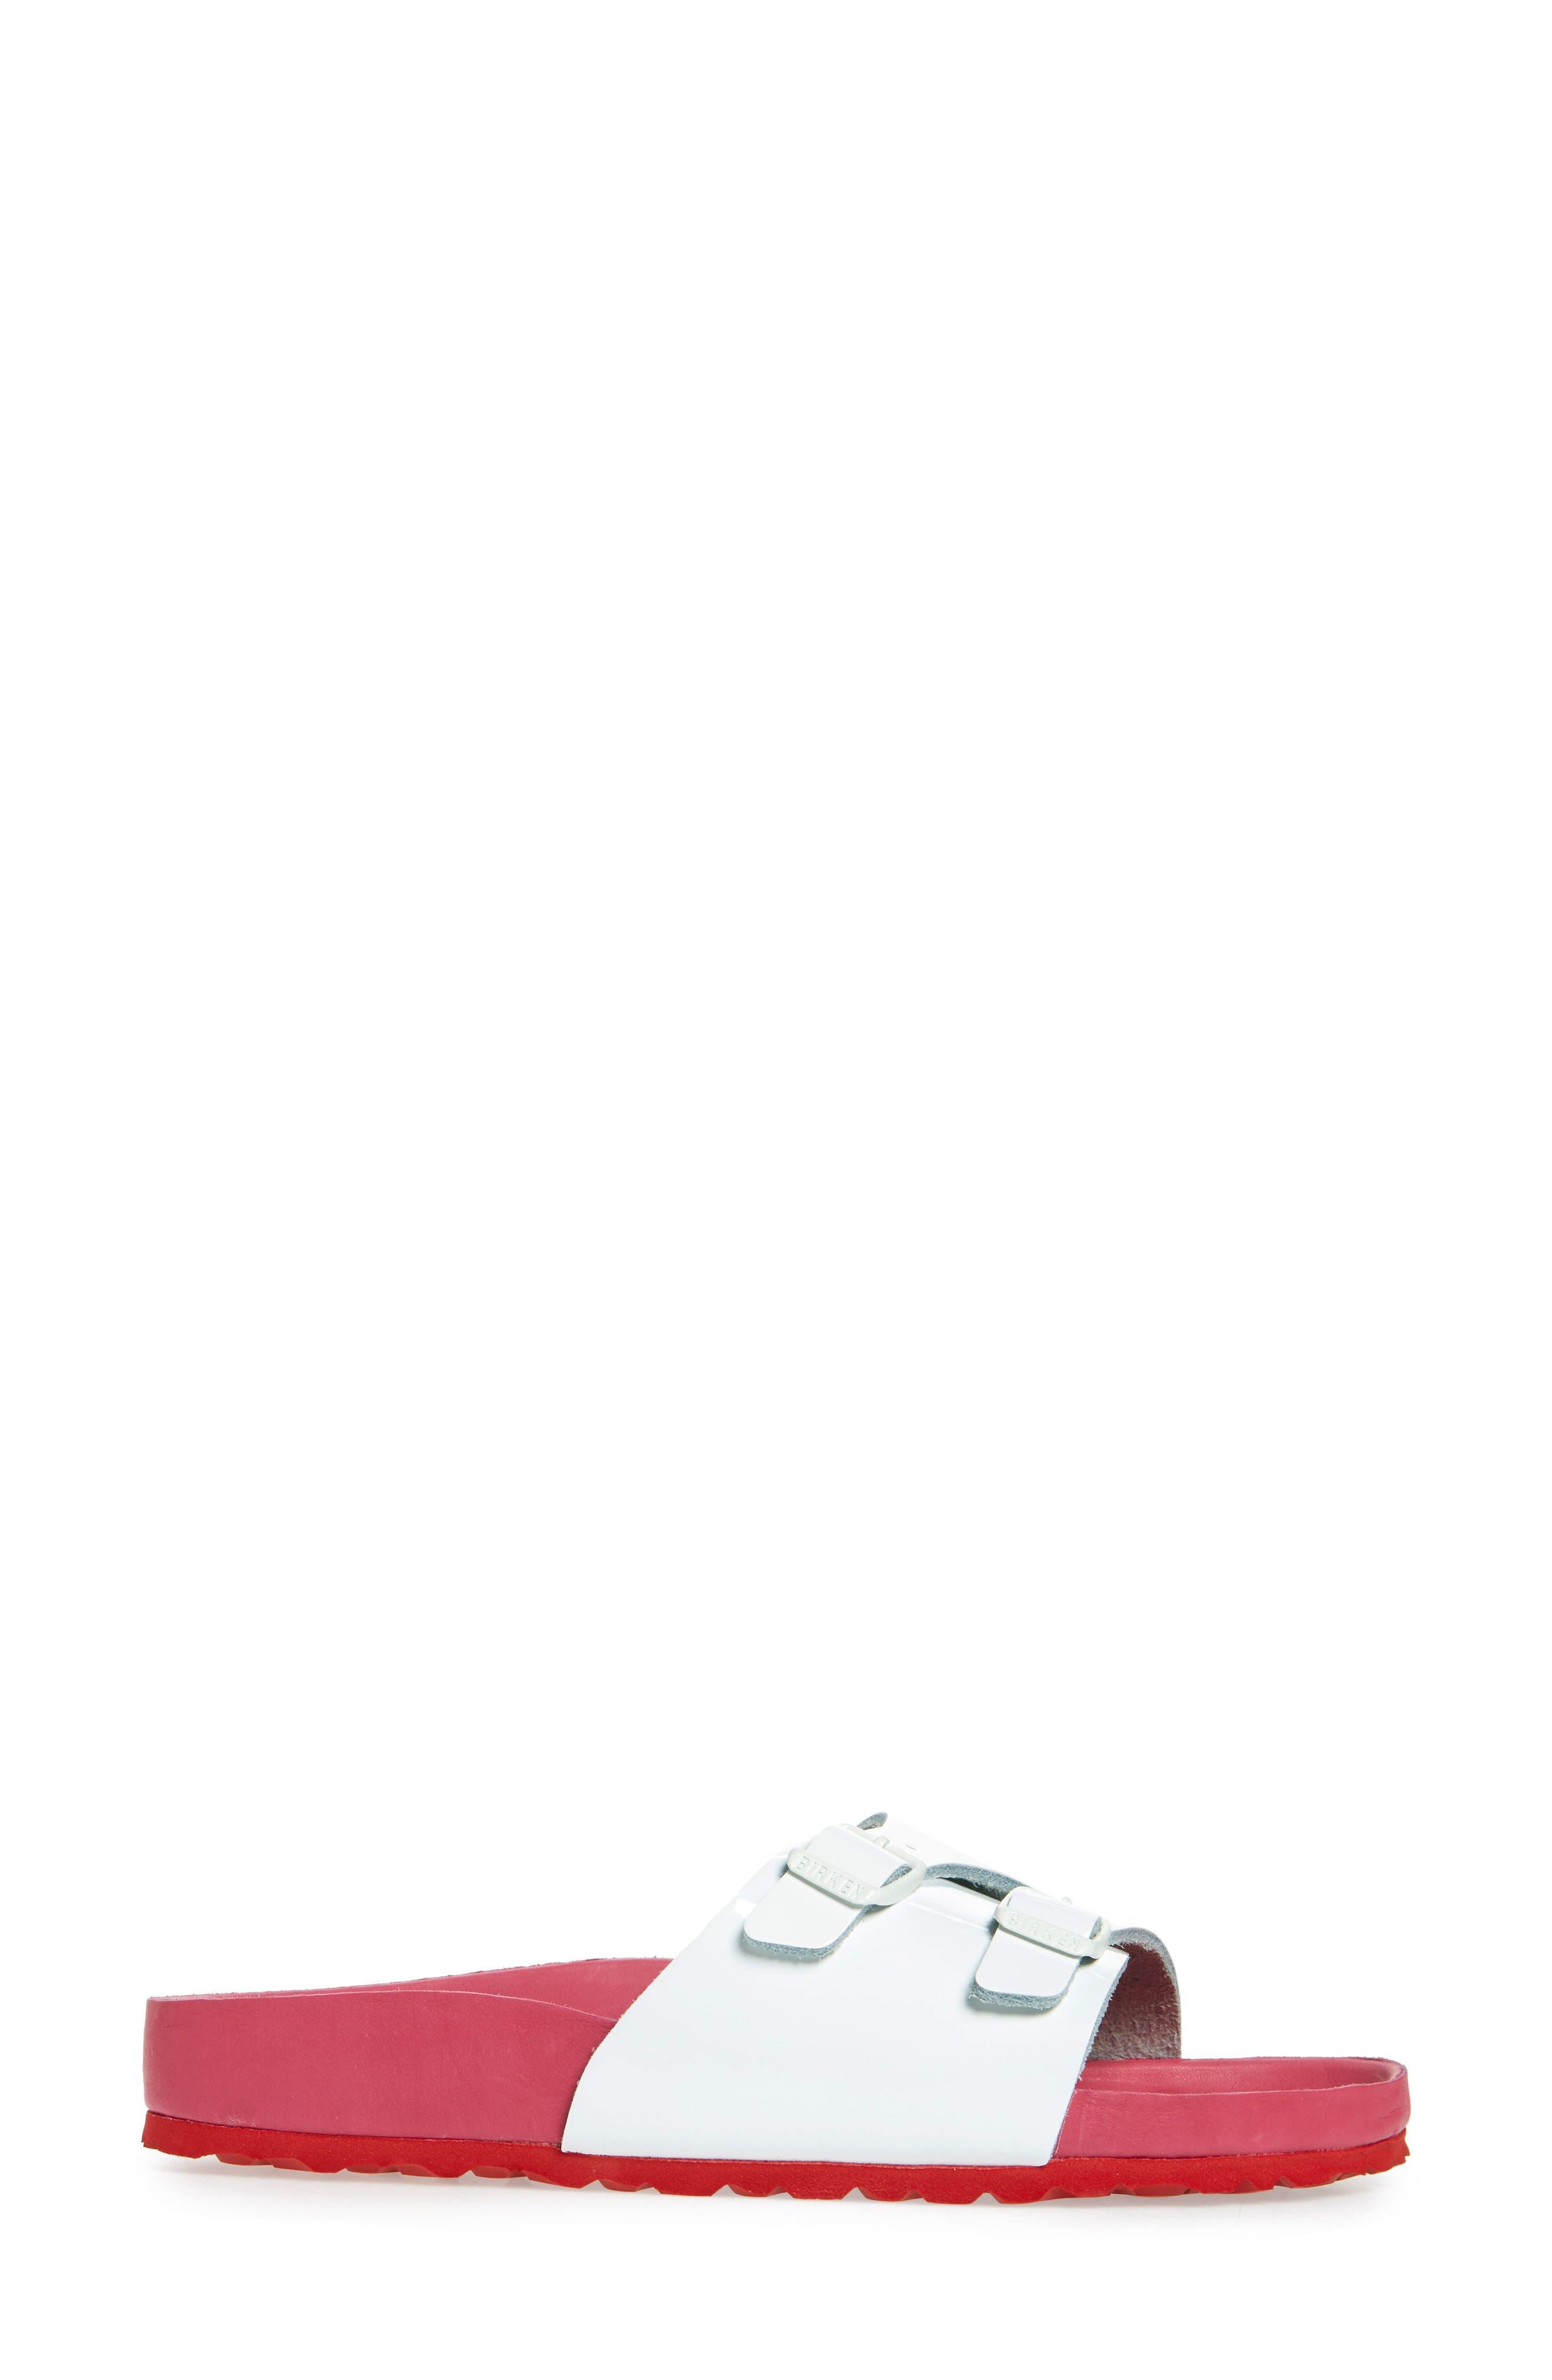 Vaduz Exquisite Limited Edition - Shock Drop Sandal,                             Alternate thumbnail 3, color,                             White Leather